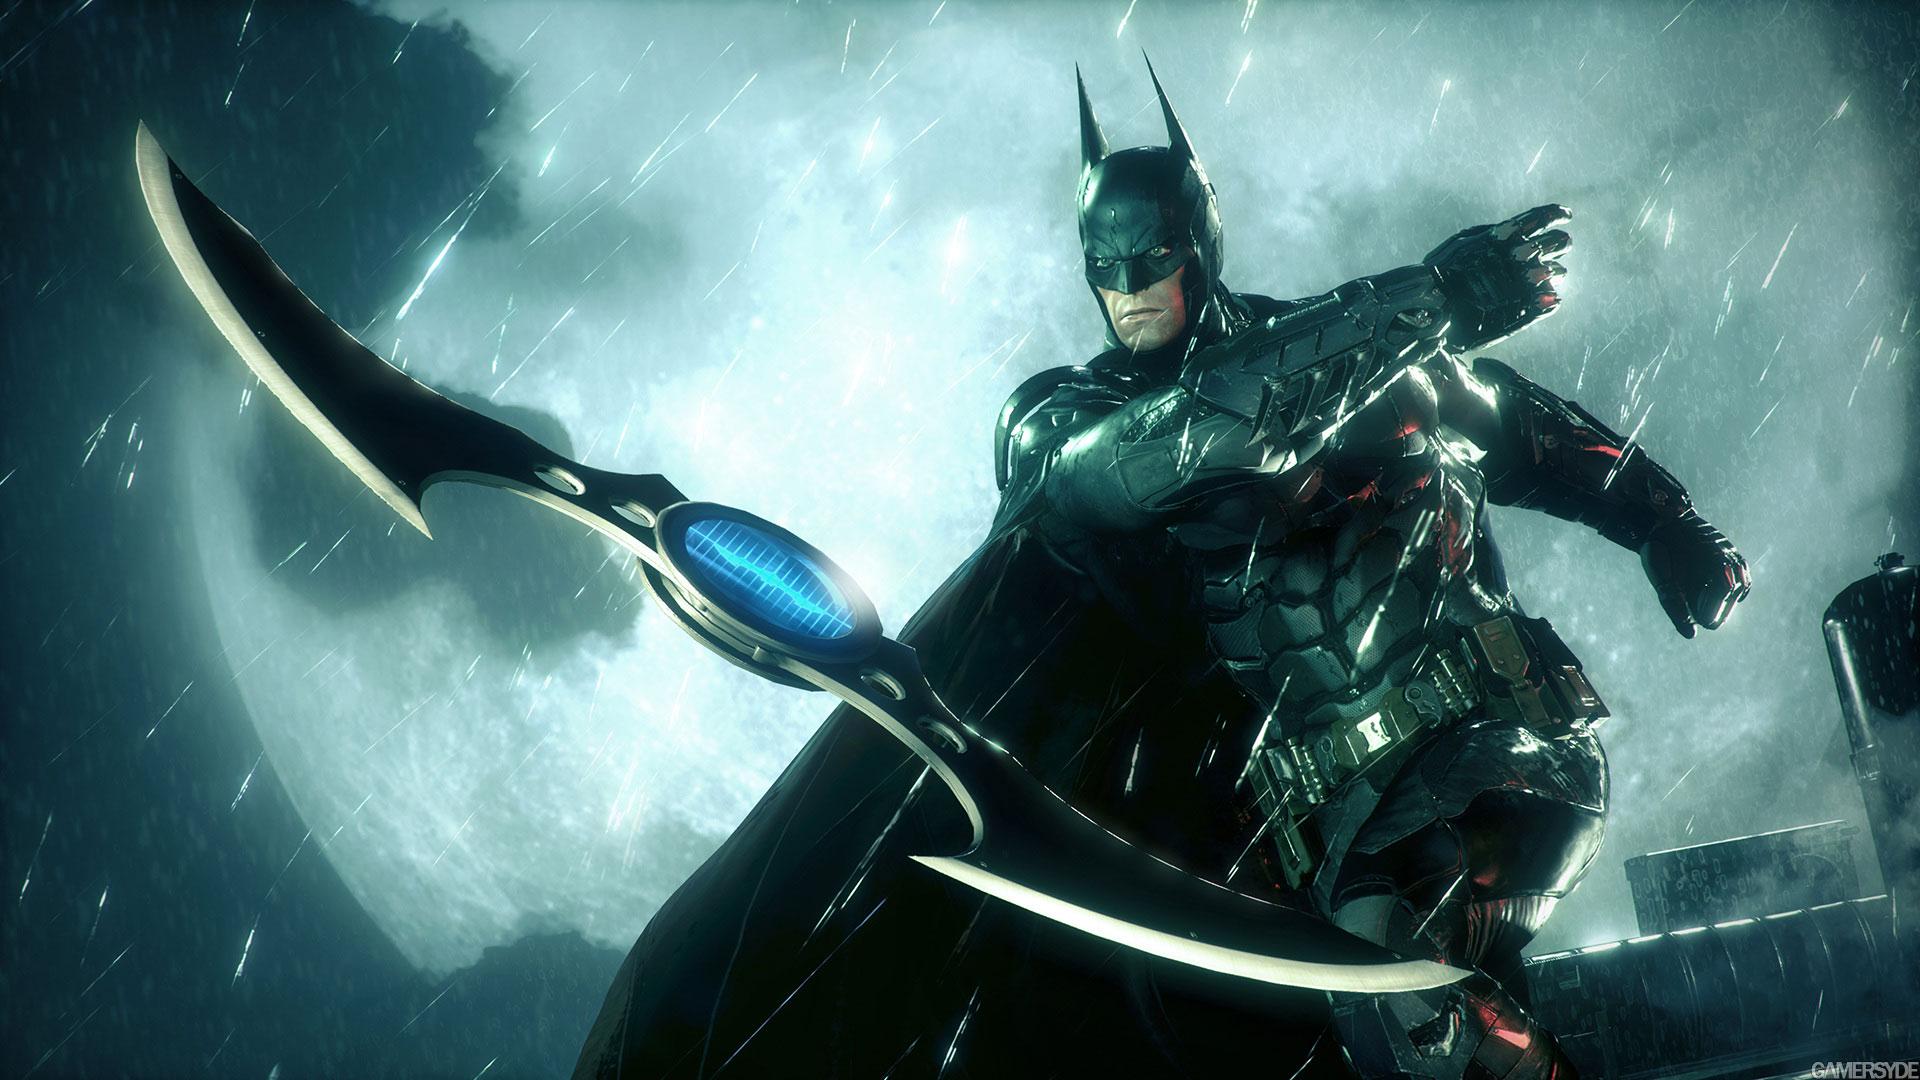 蝙蝠侠:阿甘骑士游戏图片电脑壁纸